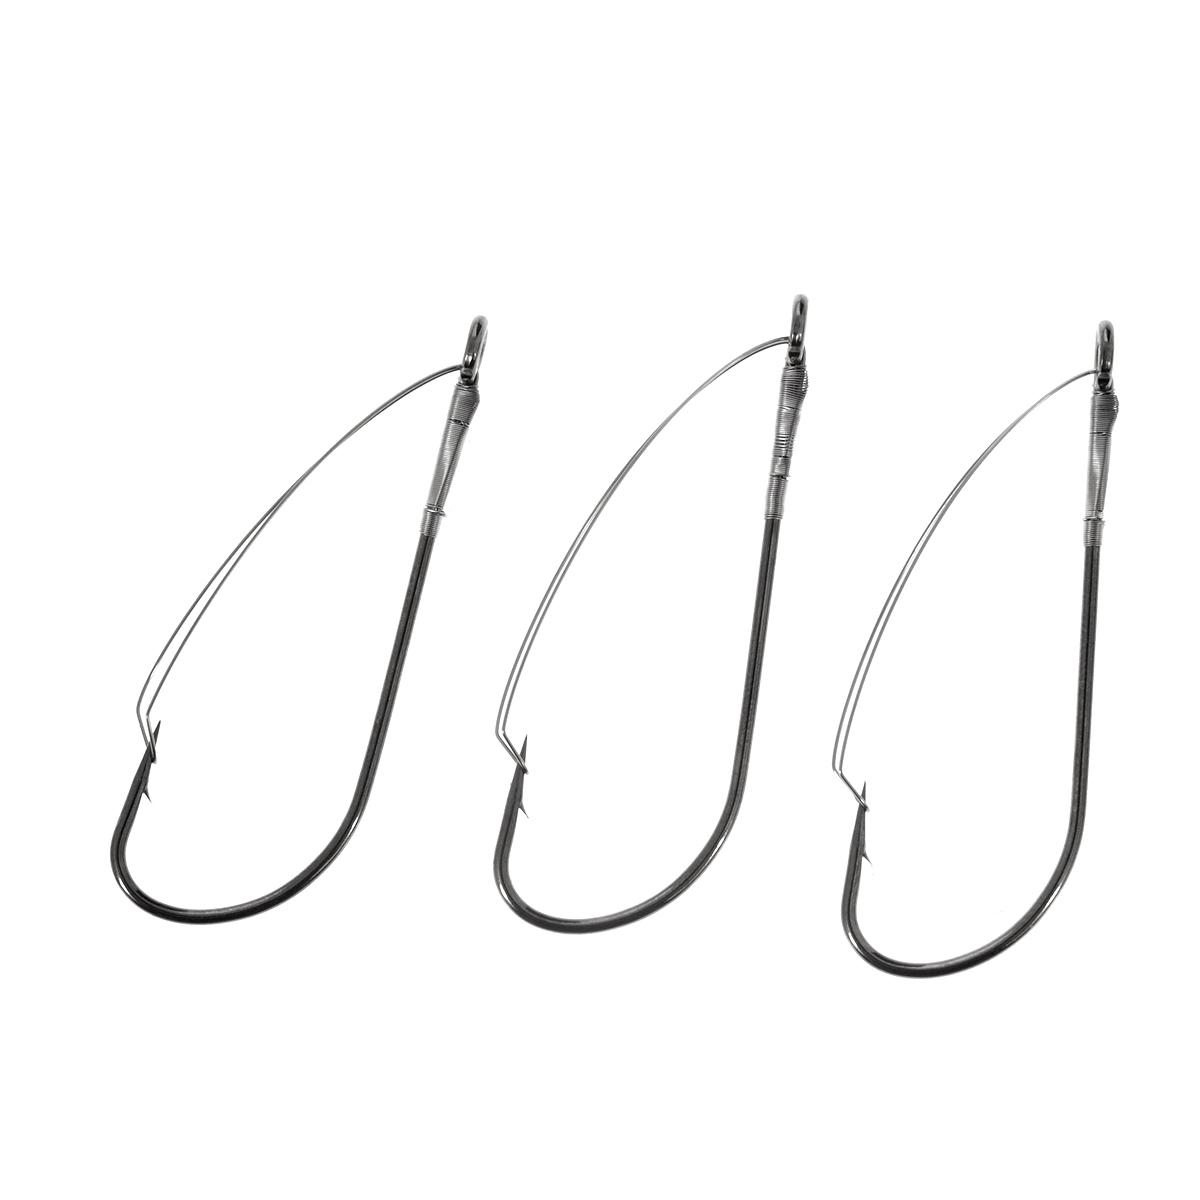 Крючки рыболовные Cobra Weedless, цвет: черный, размер 3/0, 3 шт010-01199-23Cobra Weedless - серия крючков c проволочной защитой. Идеальный вариант для ловли крупной рыбы в местах, где возможны частые зацепы и потеря приманок – коряжнике, среди водорослей и камней. Широко используются для оснащения блесен, снасточек, пластиковых и других приманок.